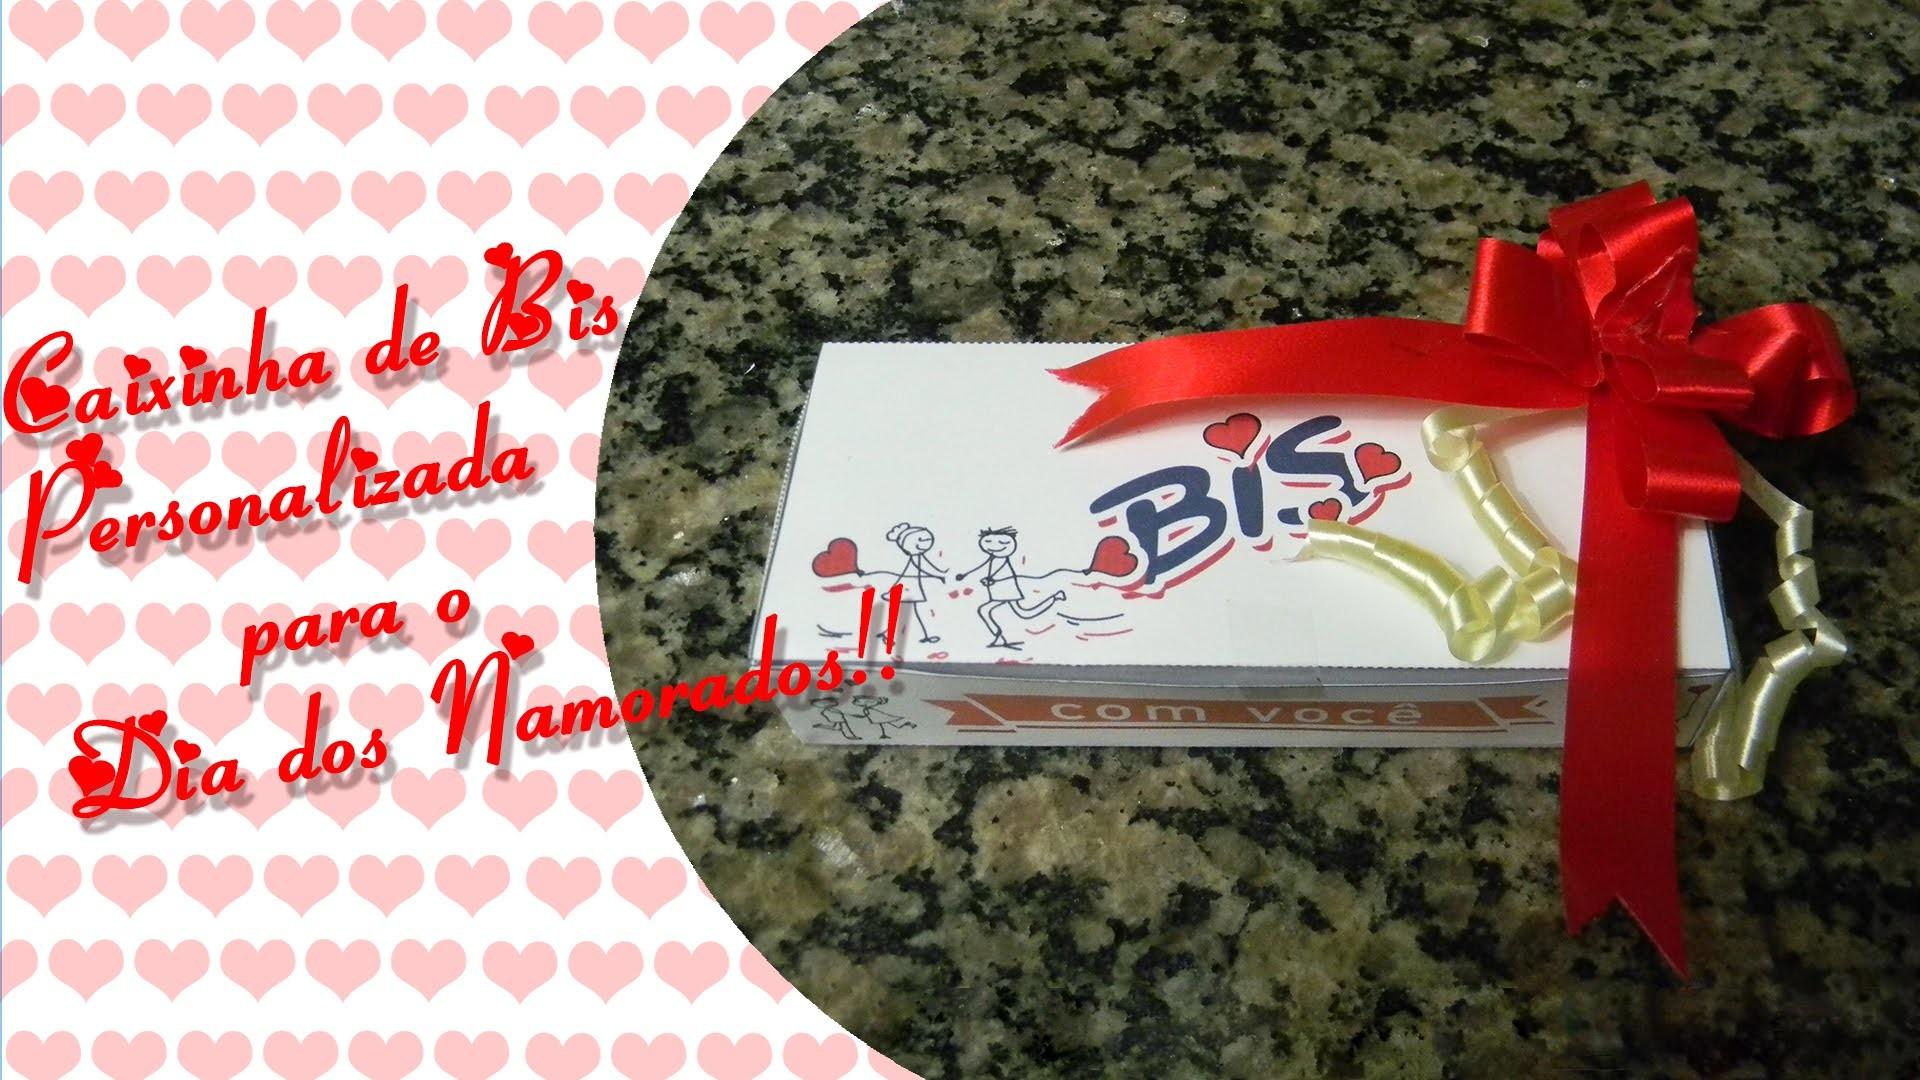 Diy - Caixinha de Bis personalizado para o dia dos namorados gastando pouco